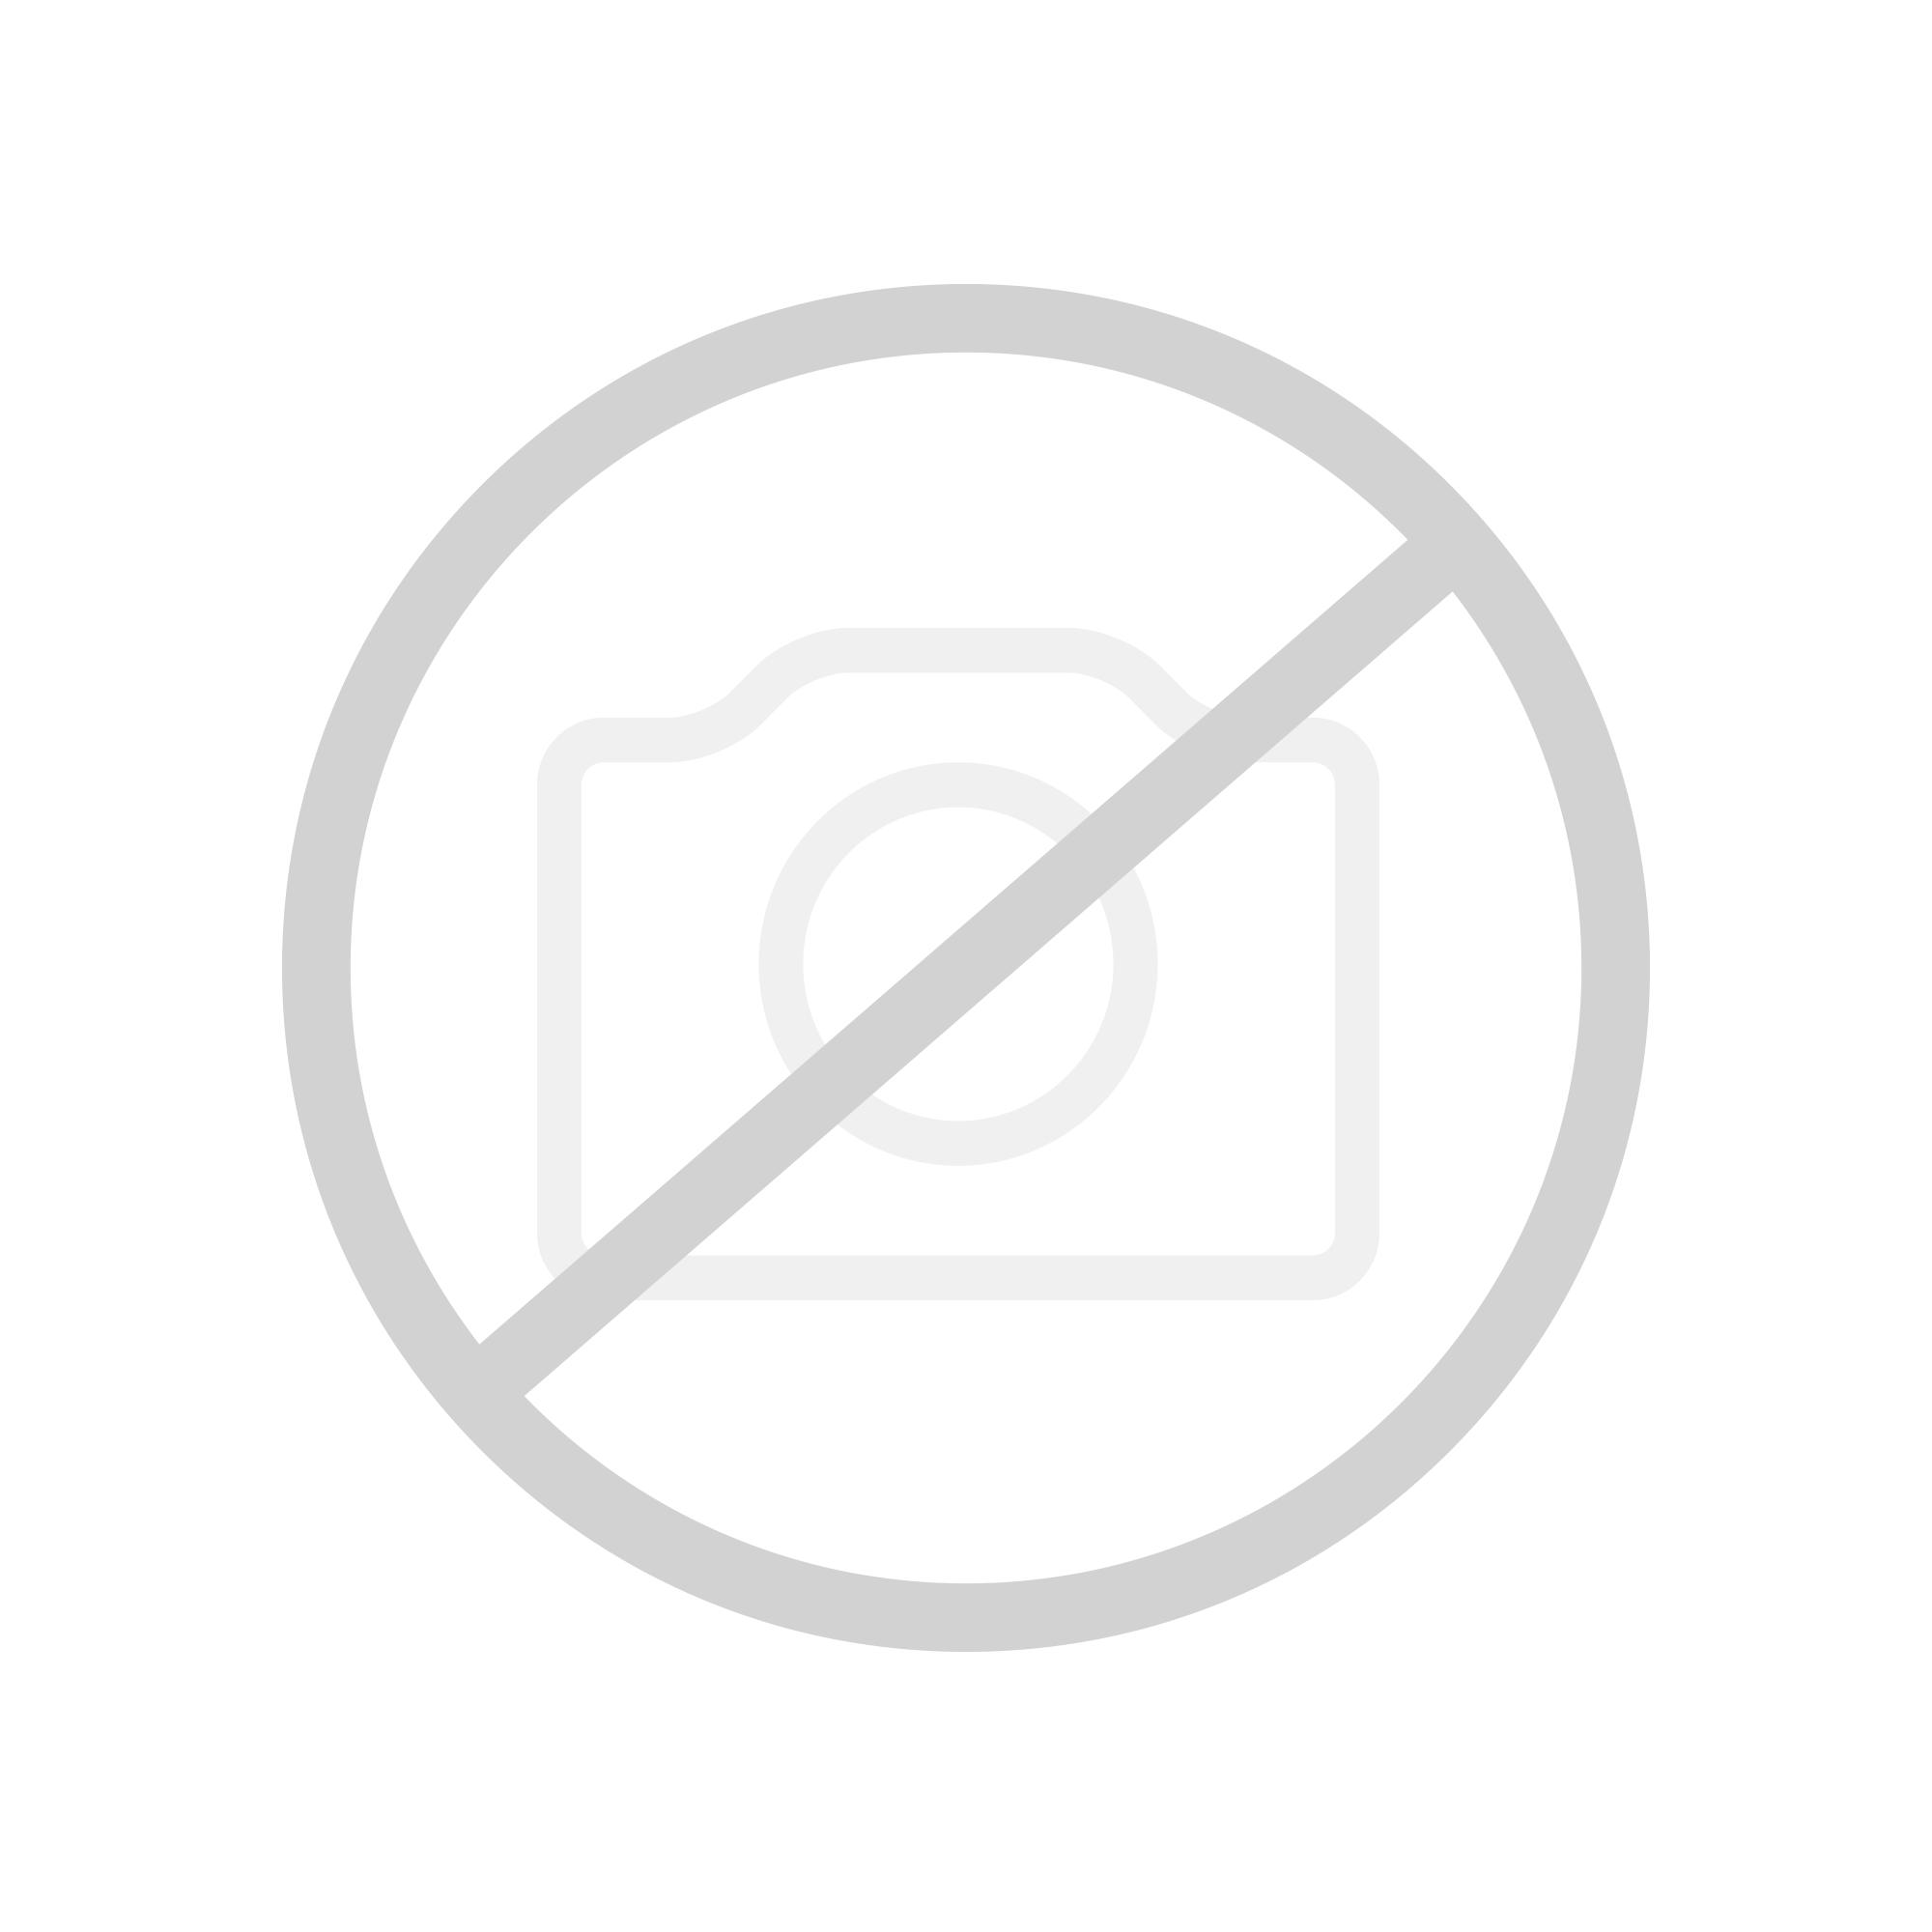 Geberit Duofix Bade-/Duschwannen-Montageelement, H: 112 cm, für AP-Armatur